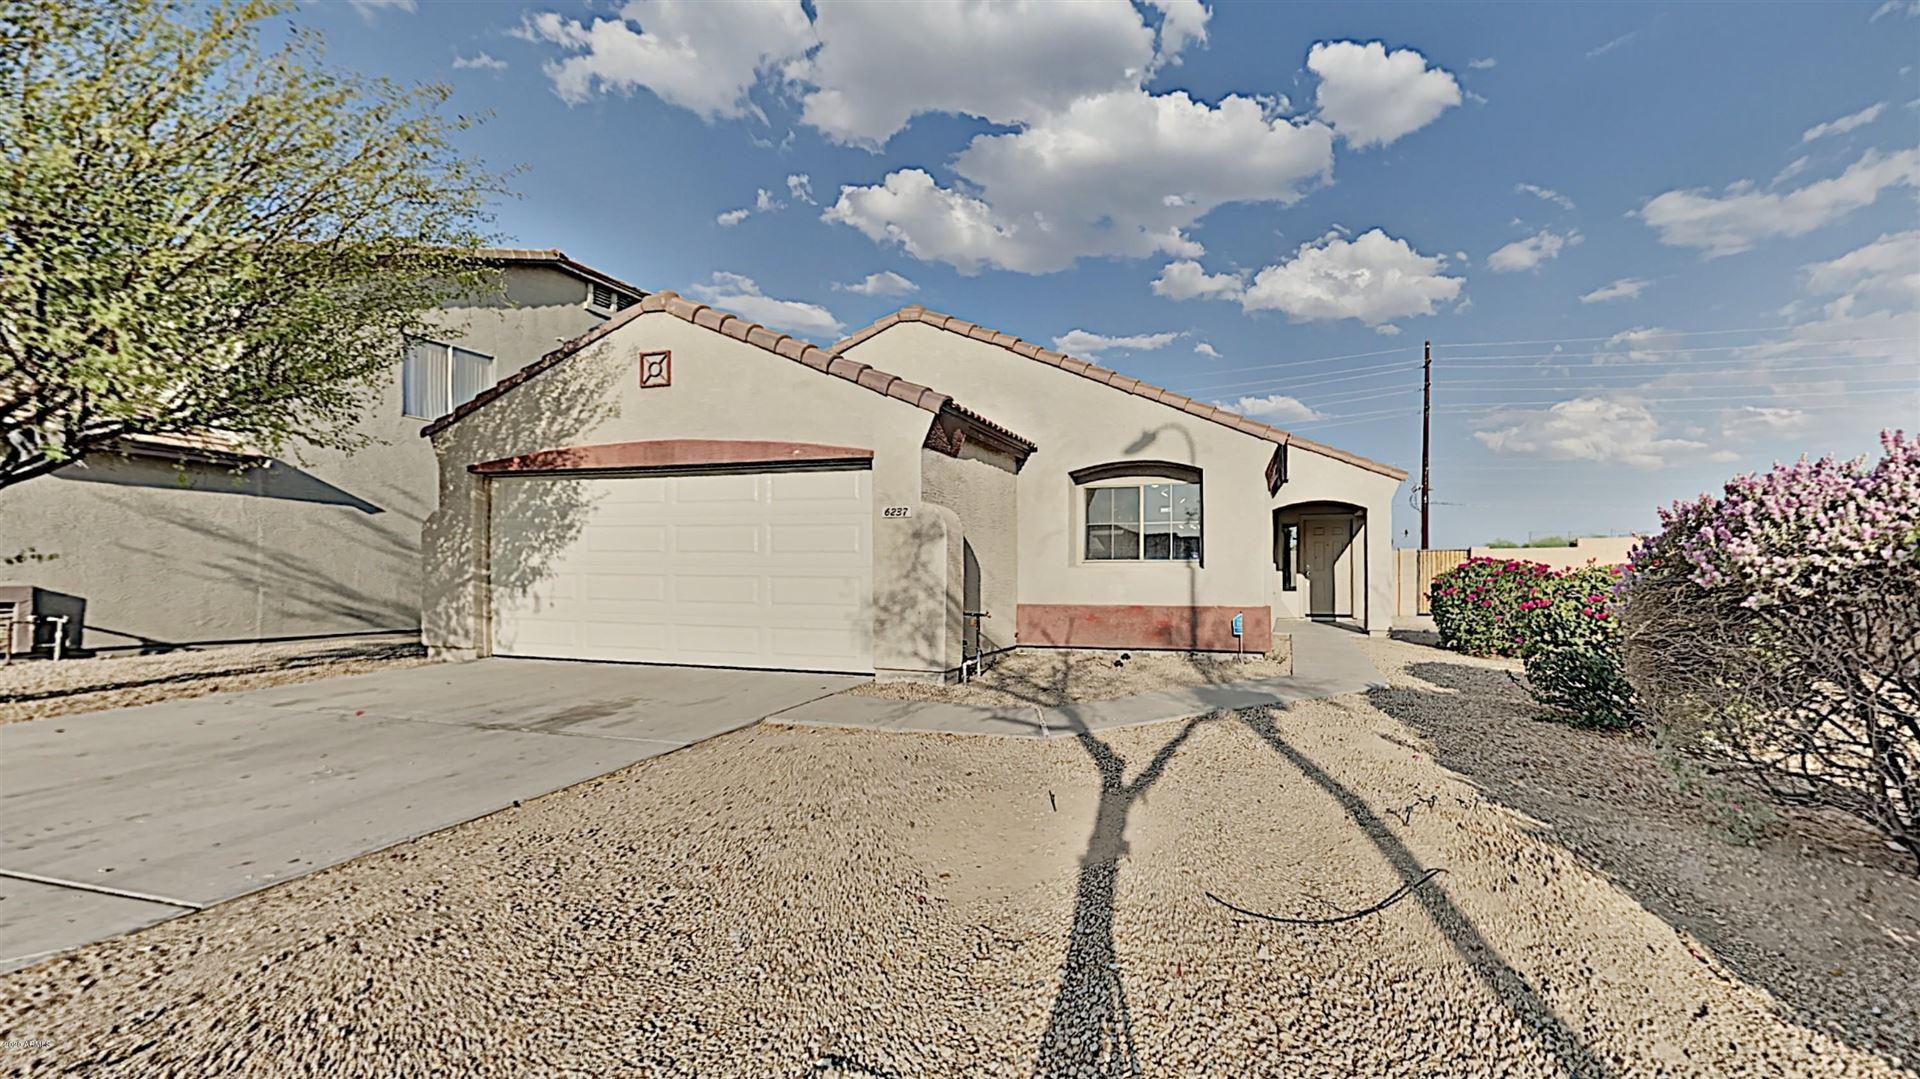 6237 S 15TH Drive, Phoenix, AZ 85041 - MLS#: 6136239